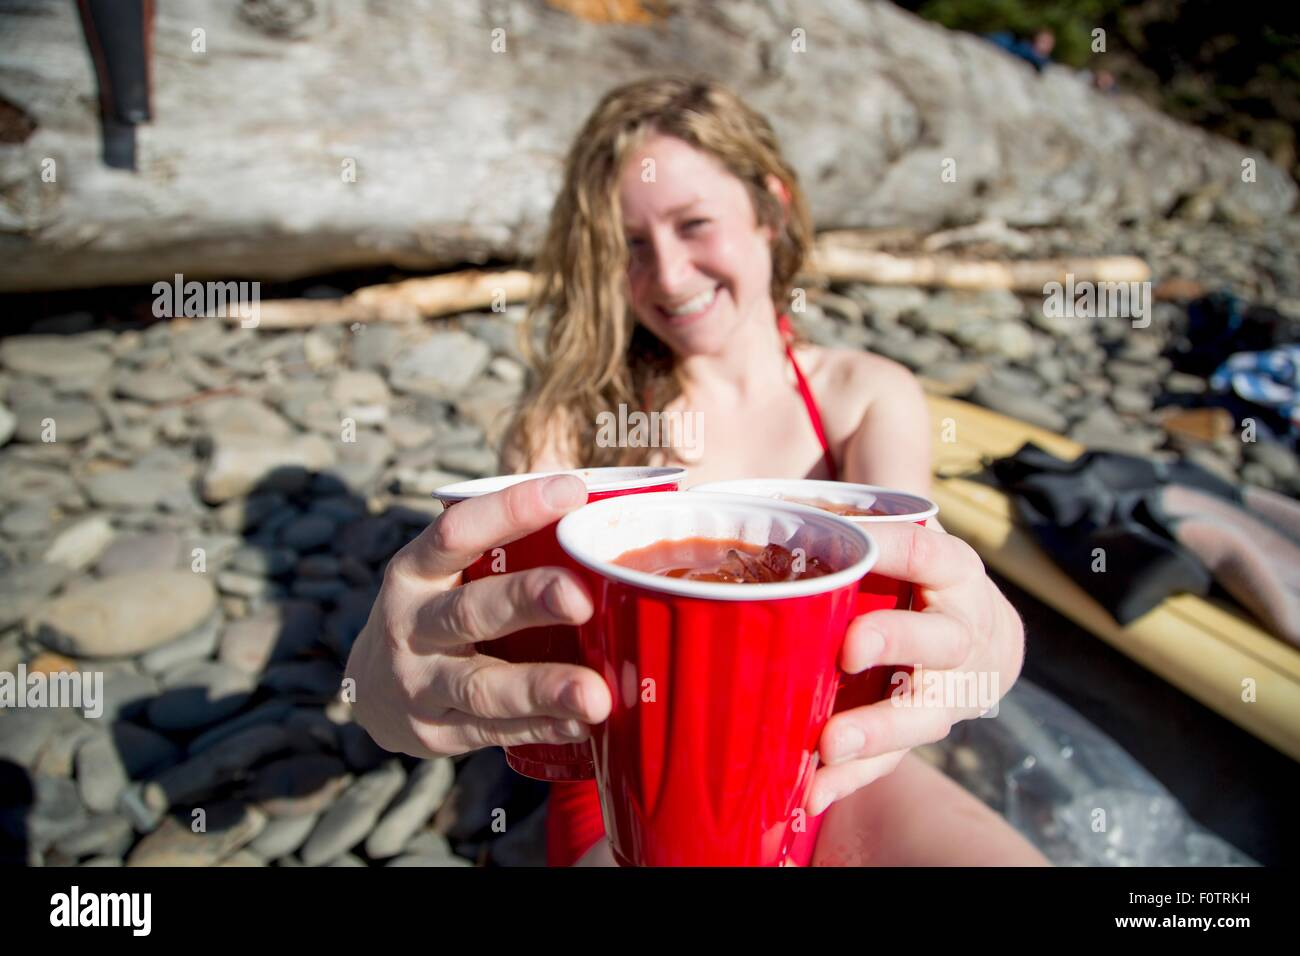 Jovem mulher sentada na praia rochosa, segurando bebidas, sorridente, Curto Sands Beach, Oregon, ESTADOS UNIDOS Imagens de Stock